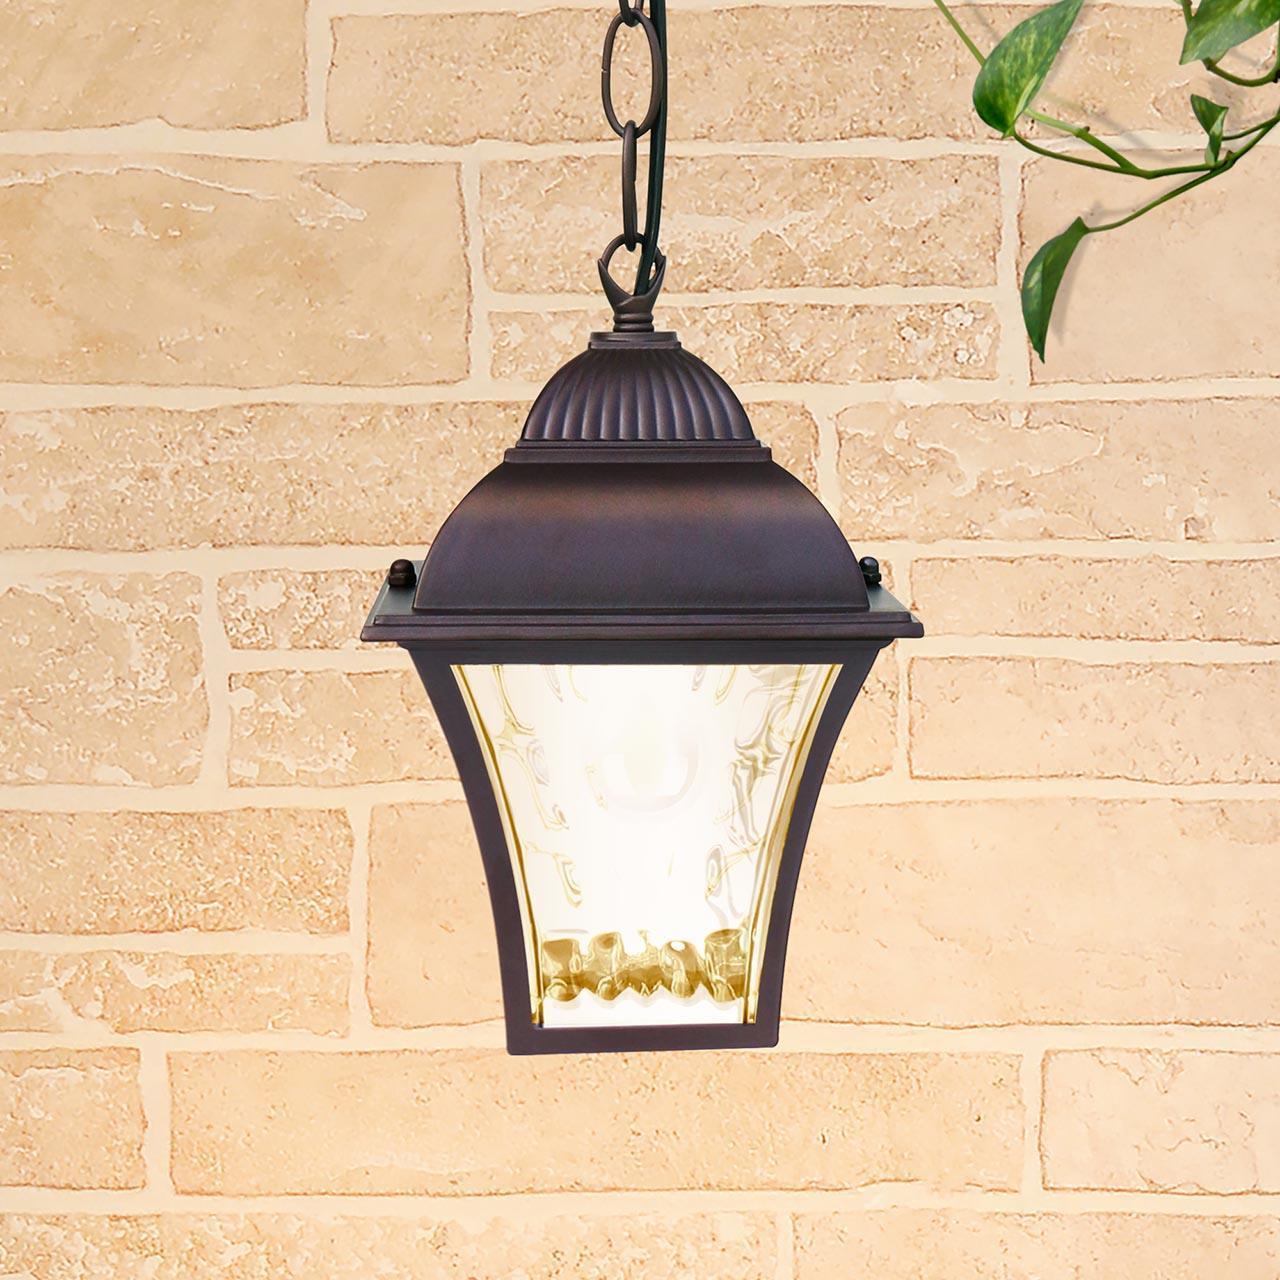 Фото - Уличный светильник Elektrostandard 4690389134173, E27 cветильник галогенный de fran встраиваемый 1х50вт mr16 ip20 зел античное золото